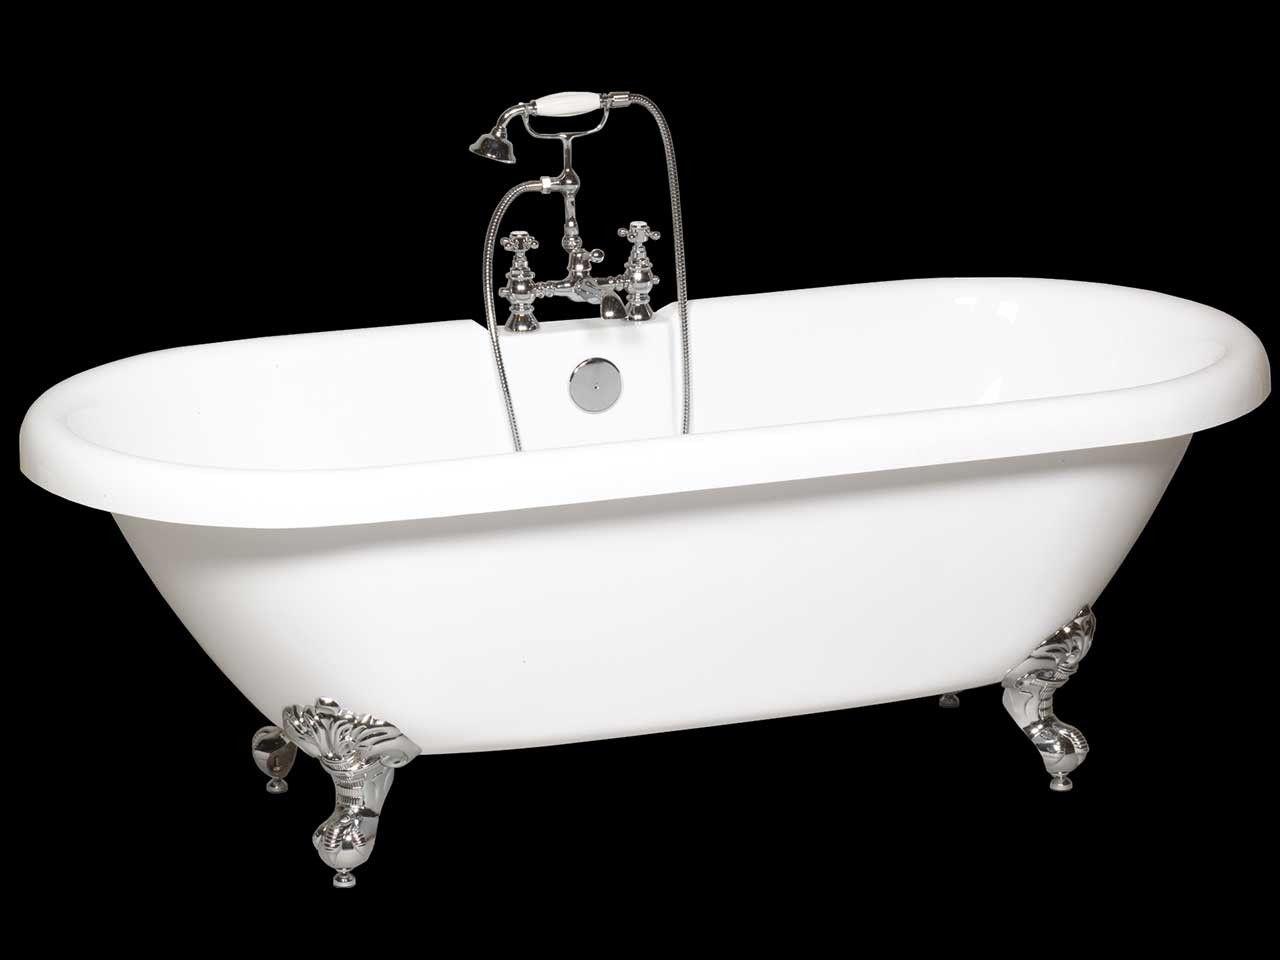 Vasca Da Bagno Vintage : Vasca da bagno con piedini vasche dolomite